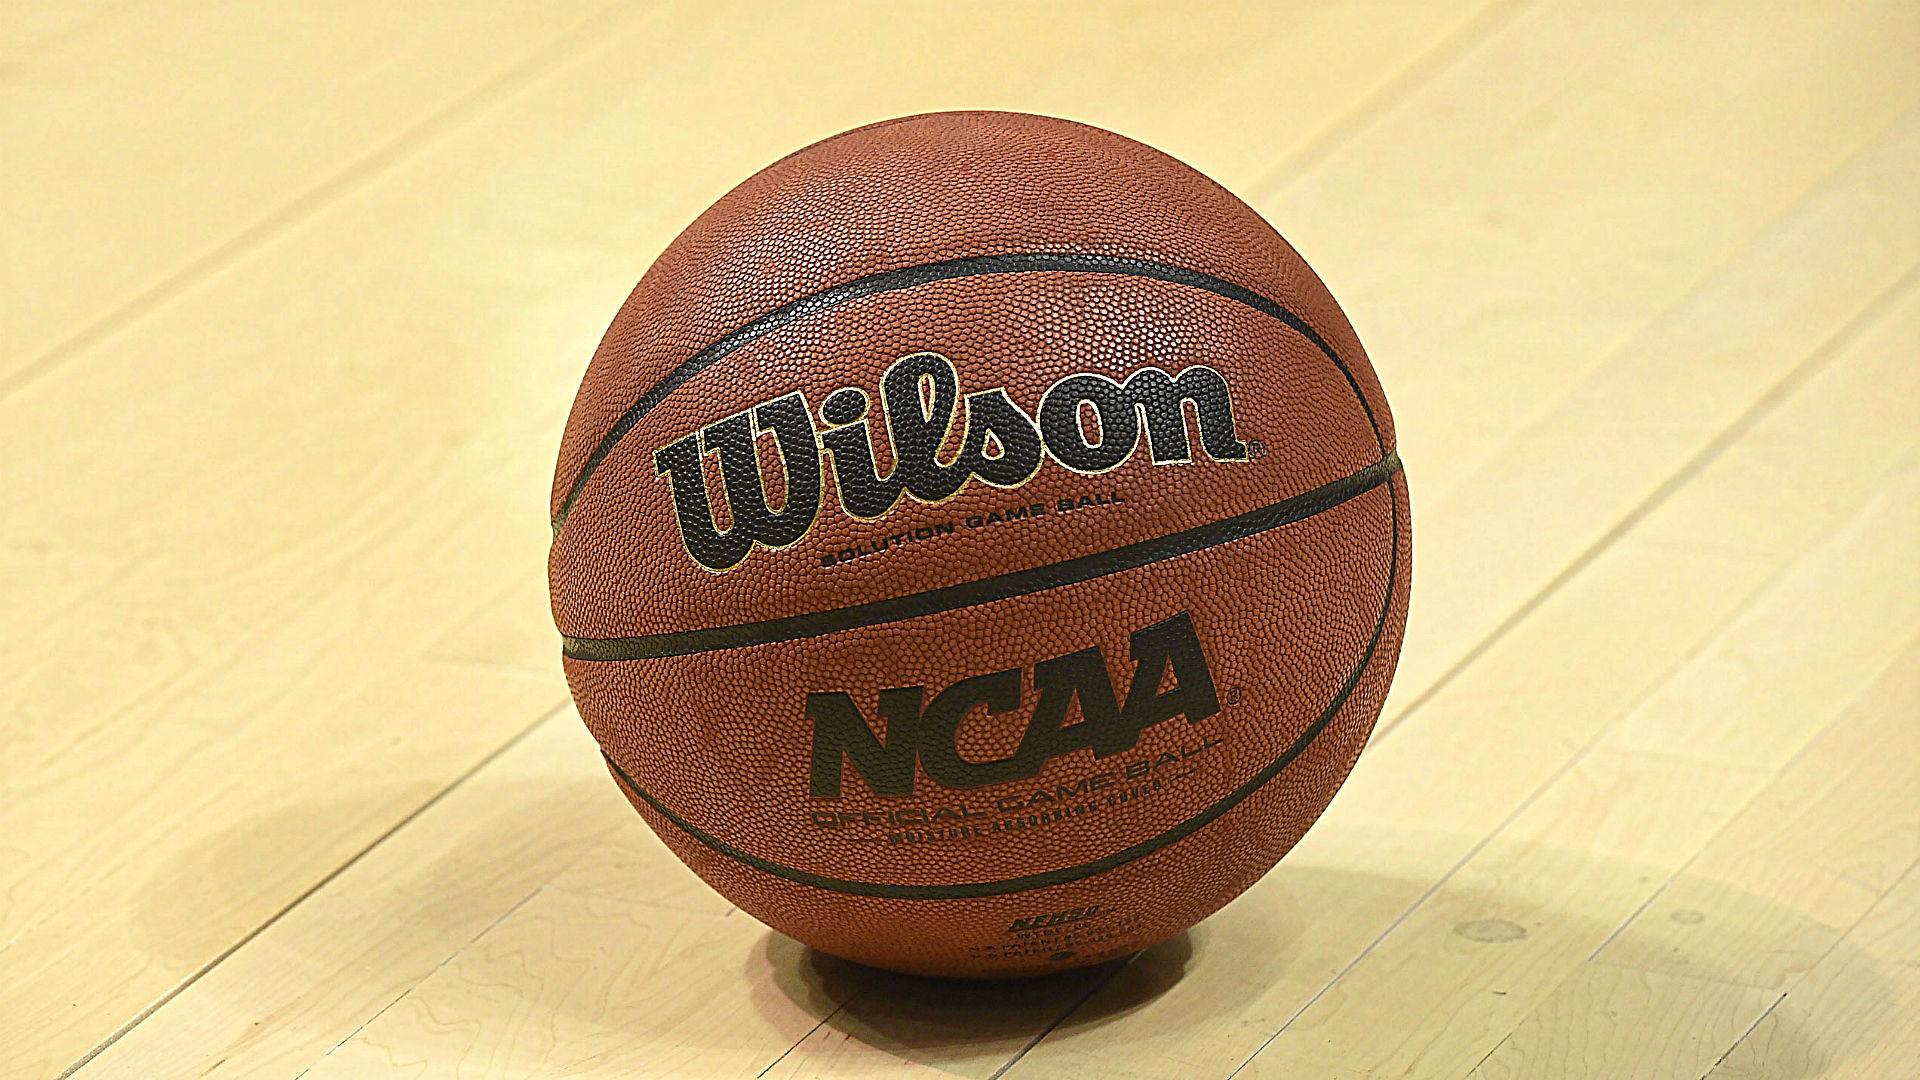 Ncaa-basketball-103015-usnews-getty-ftr_1gfrsgl5f8v081nhwmj4wnbw35